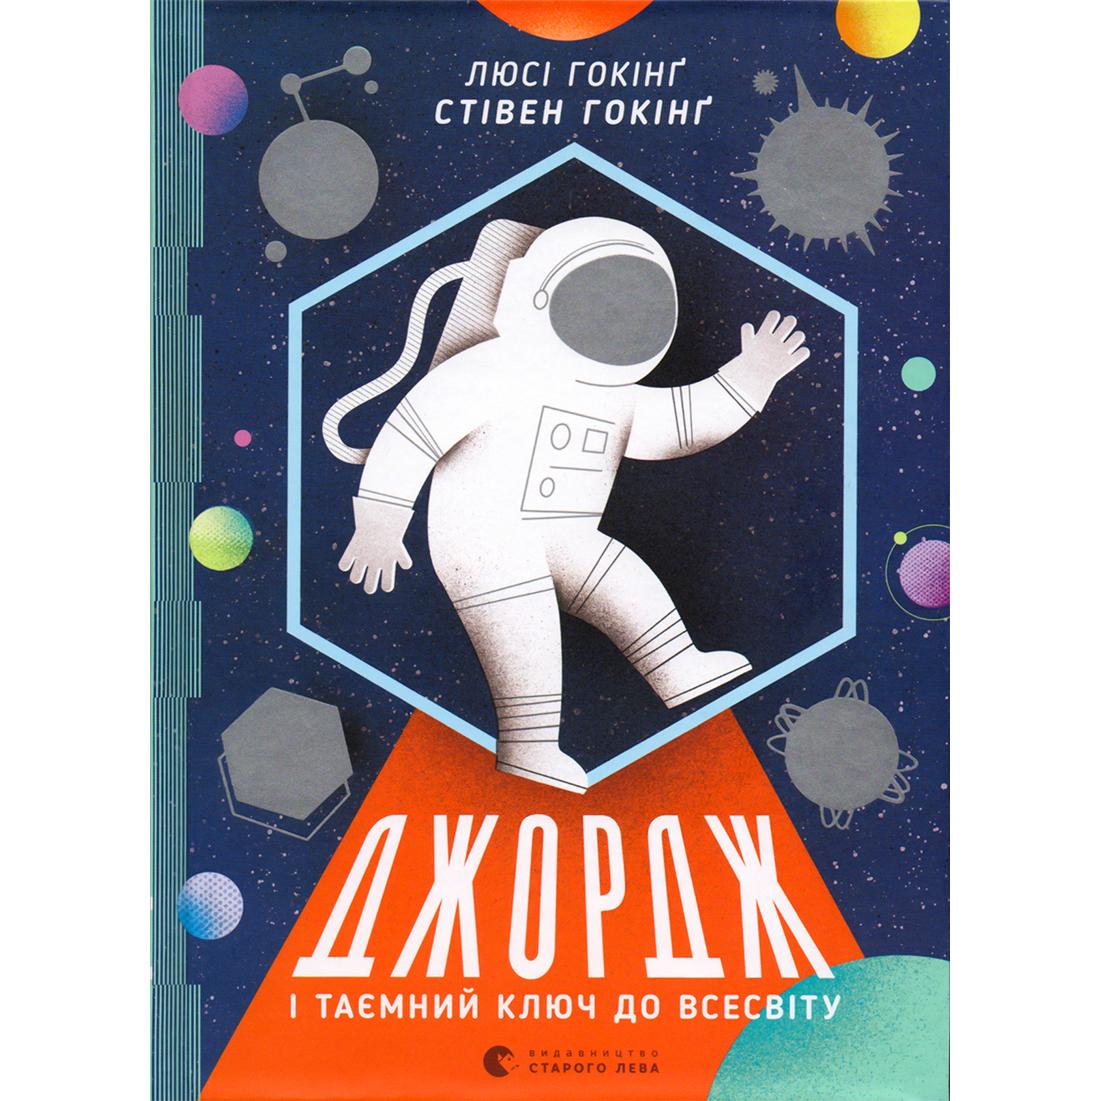 Купити книгу Джордж і таємний ключ до Всесвіту, Стівен Гокінґ, ЛюсіГокінґ| Bukio